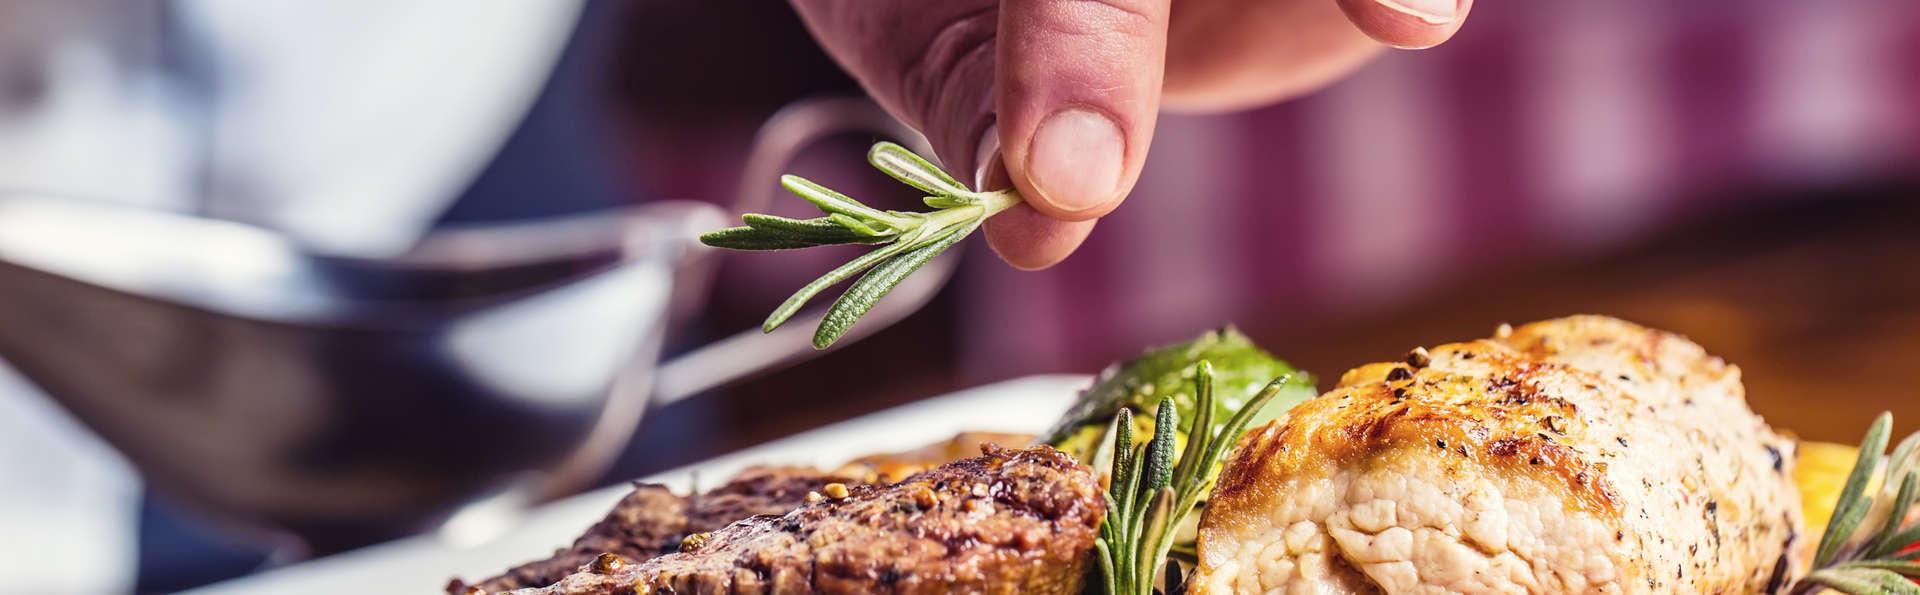 Saveurs de la Méditerranée : Faites une escapade à Paterna, avec dîner inclus et instant détente au spa